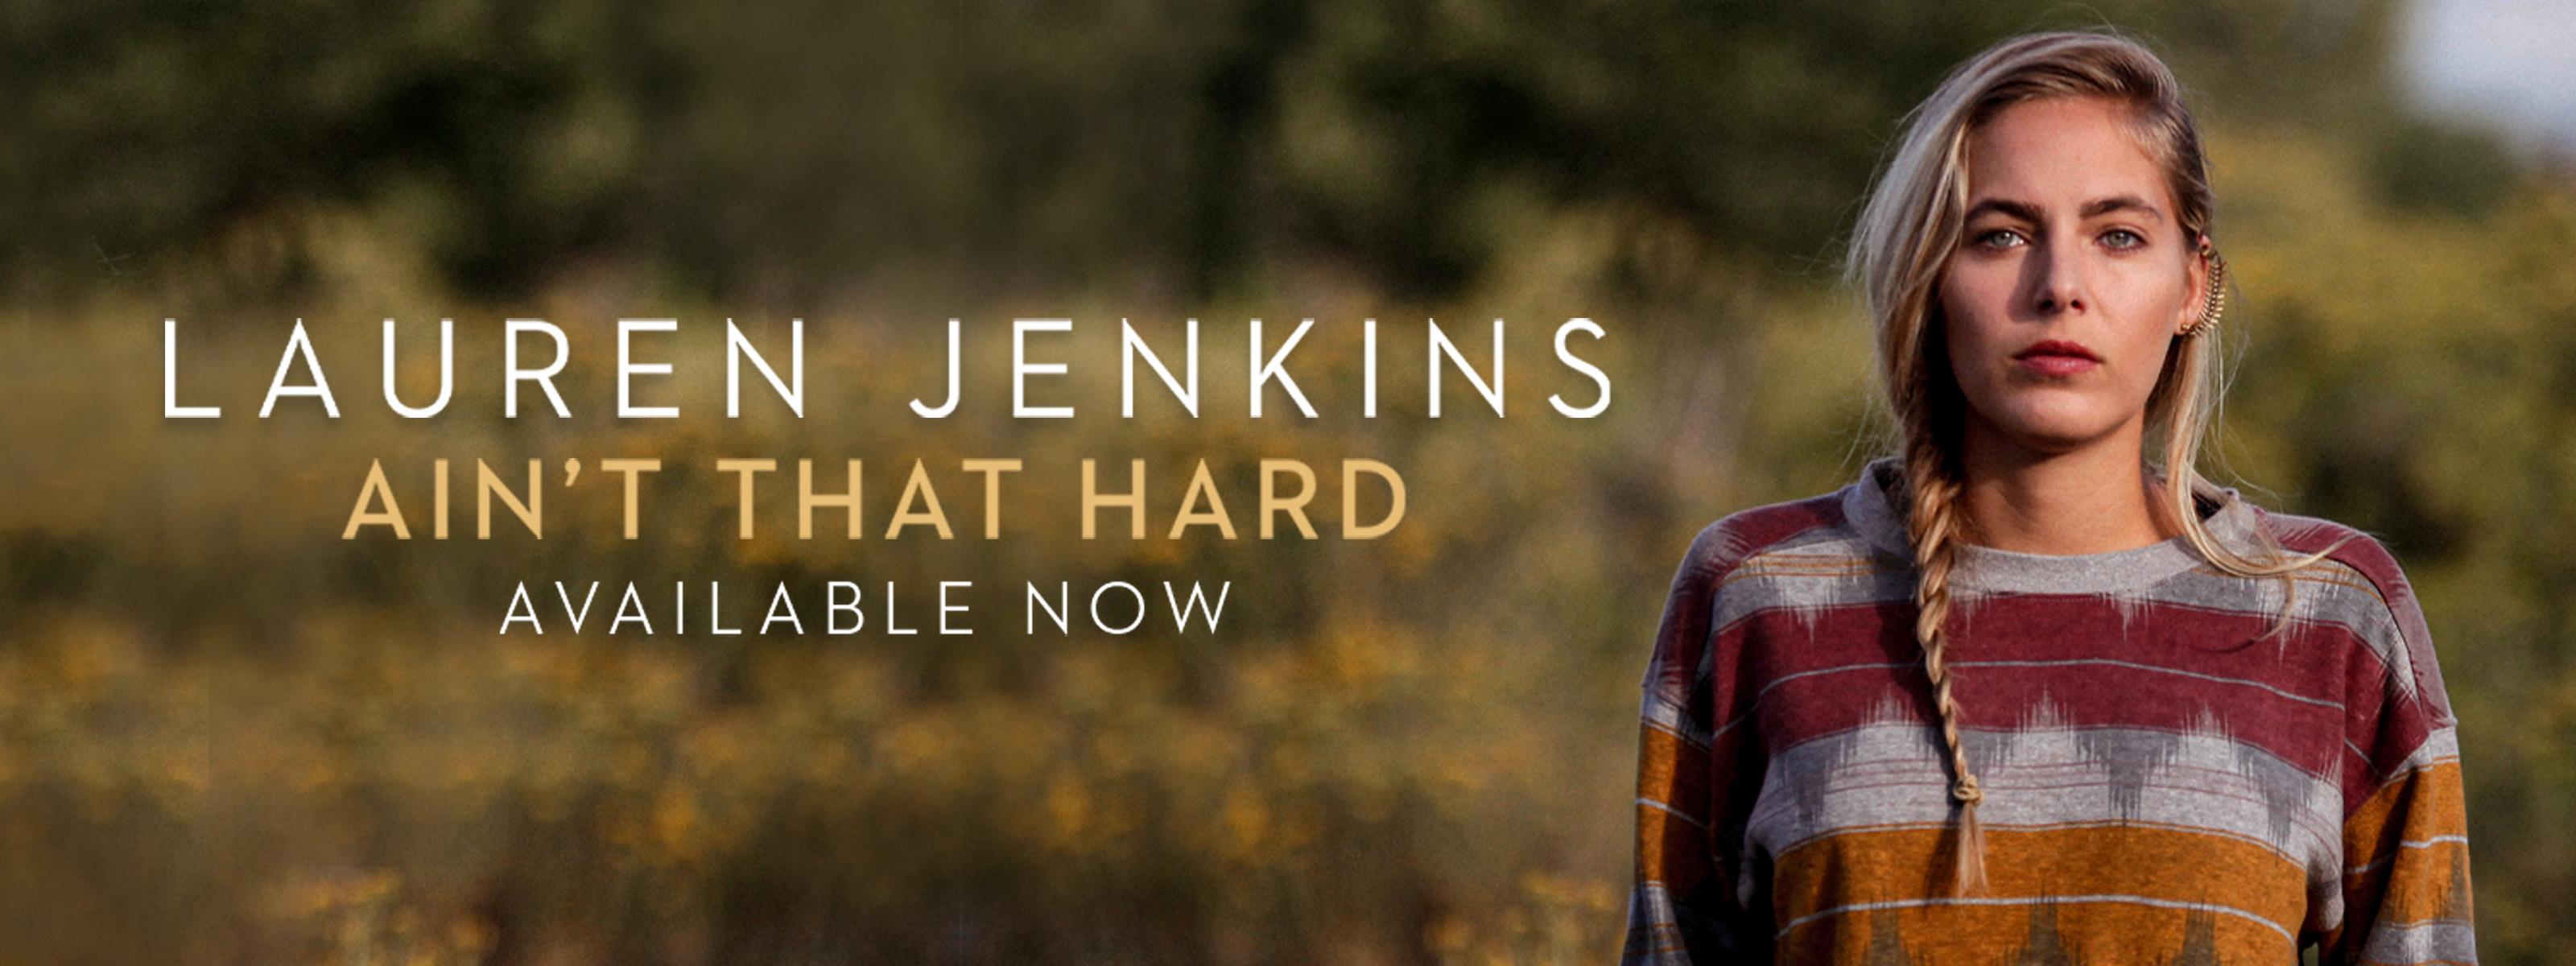 Lauren Jenkins aint that hard